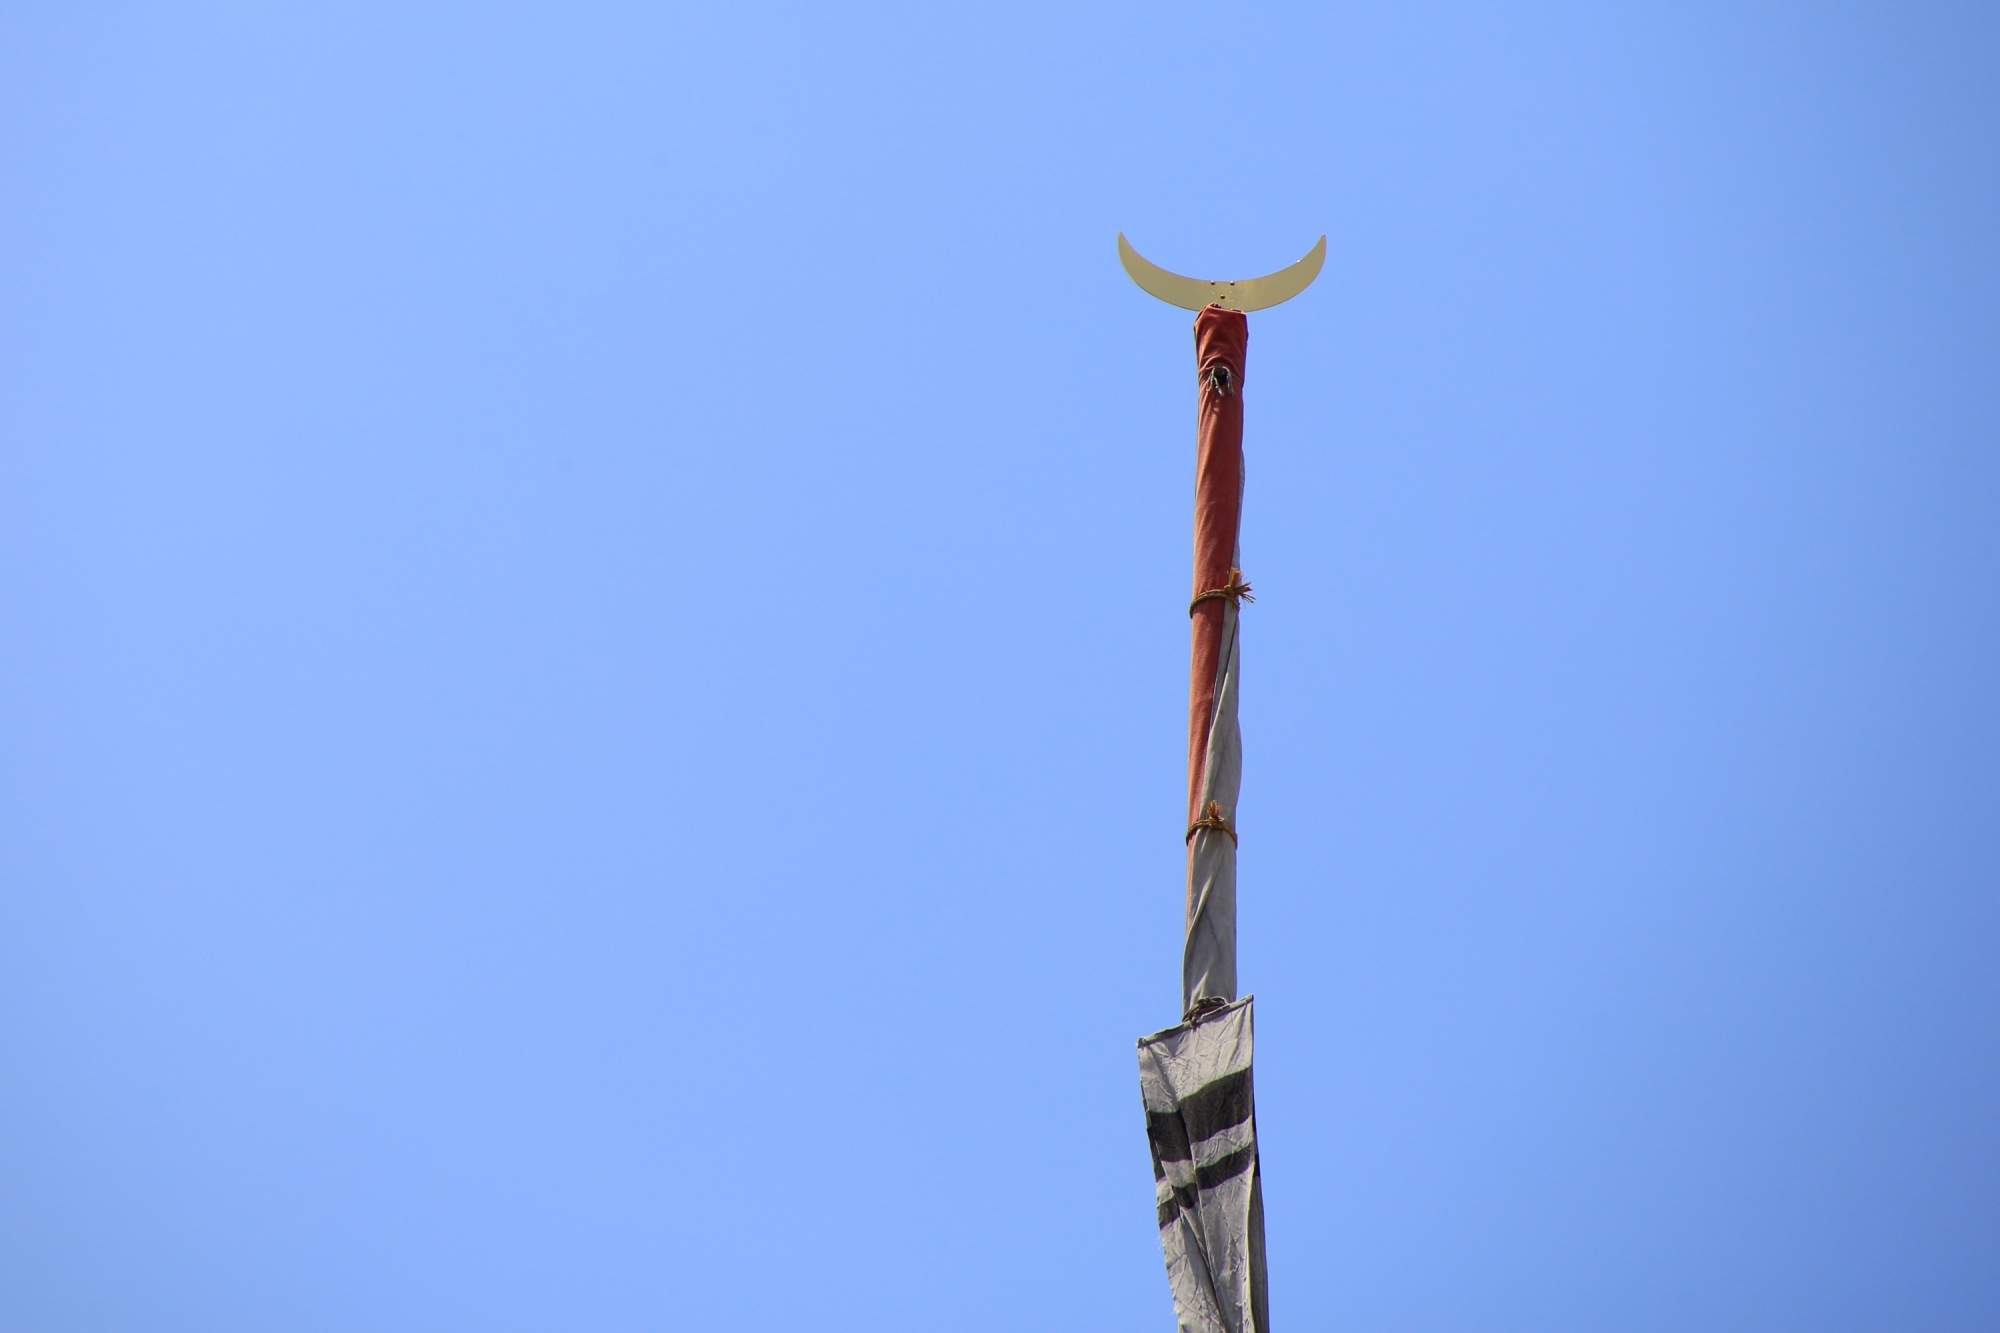 鉾頭 高画質 祇園祭 写真 月鉾